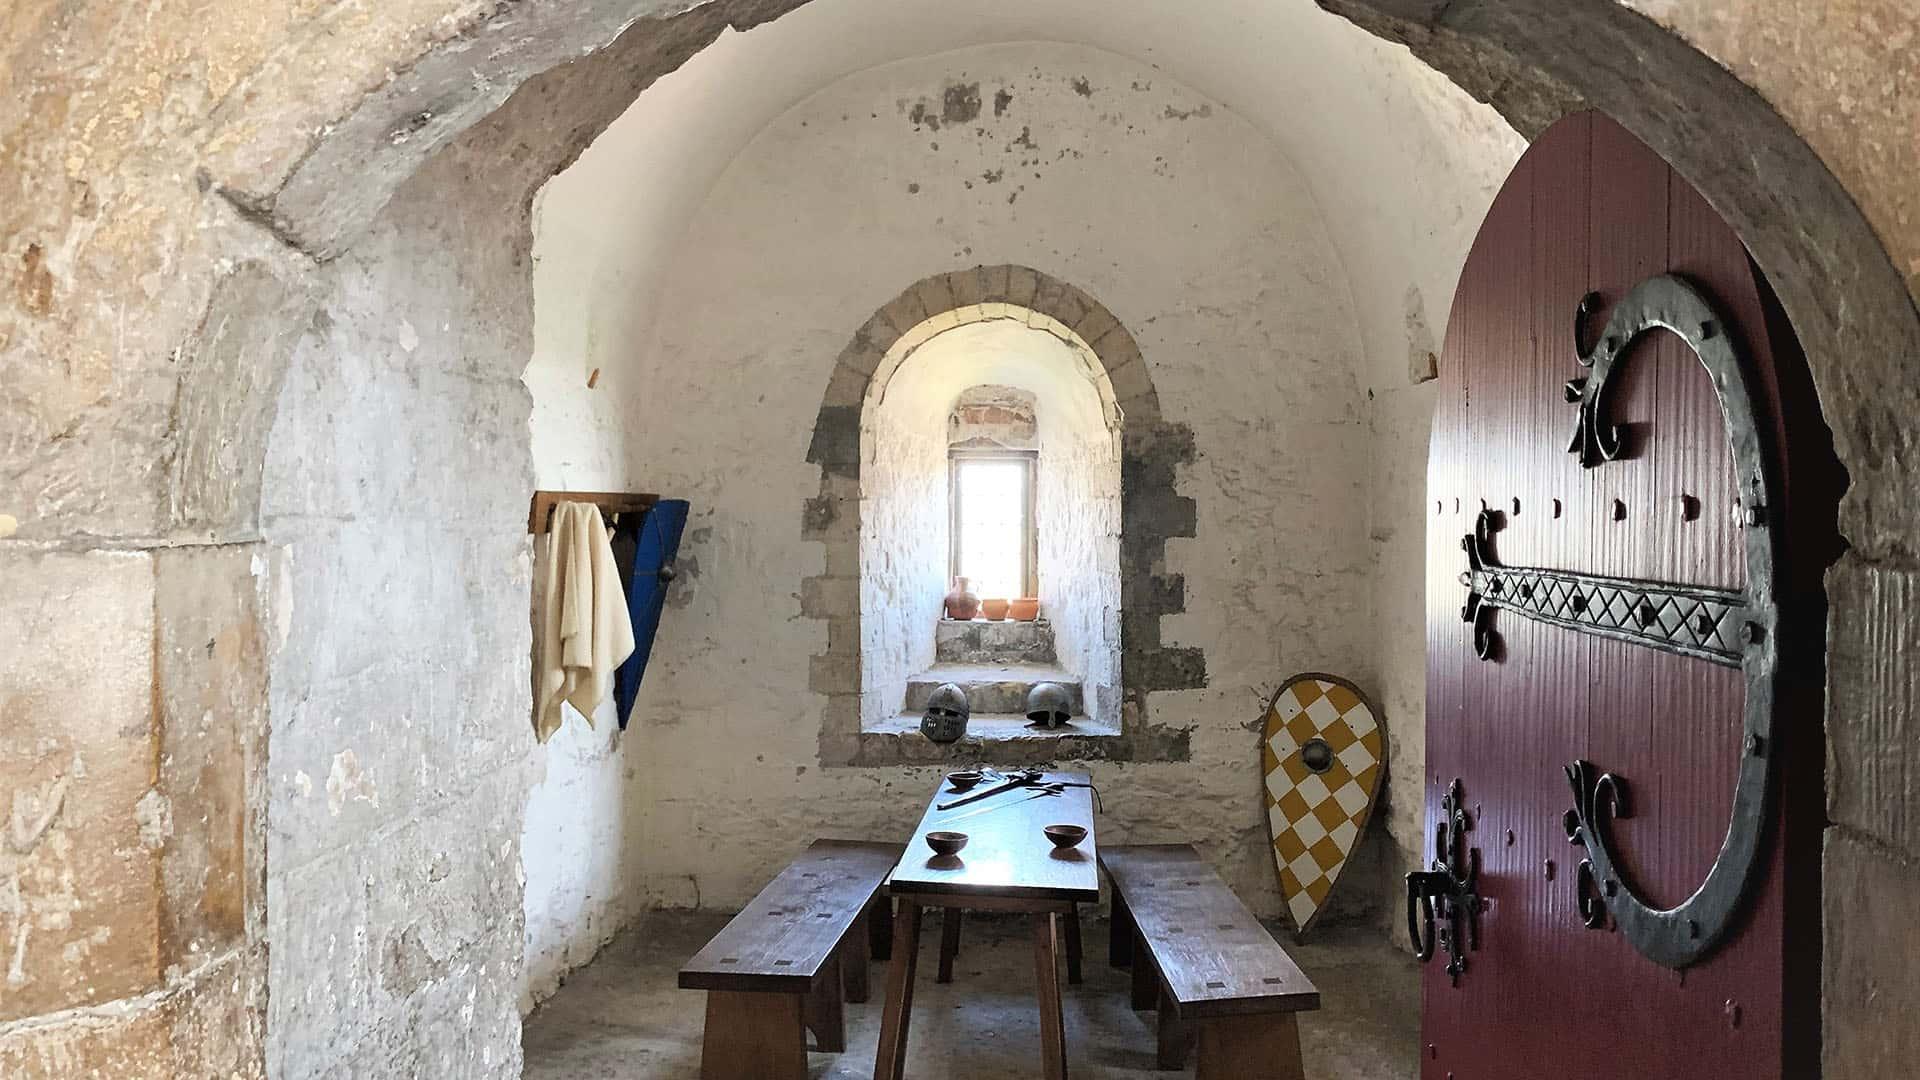 Small room in Dover Castle